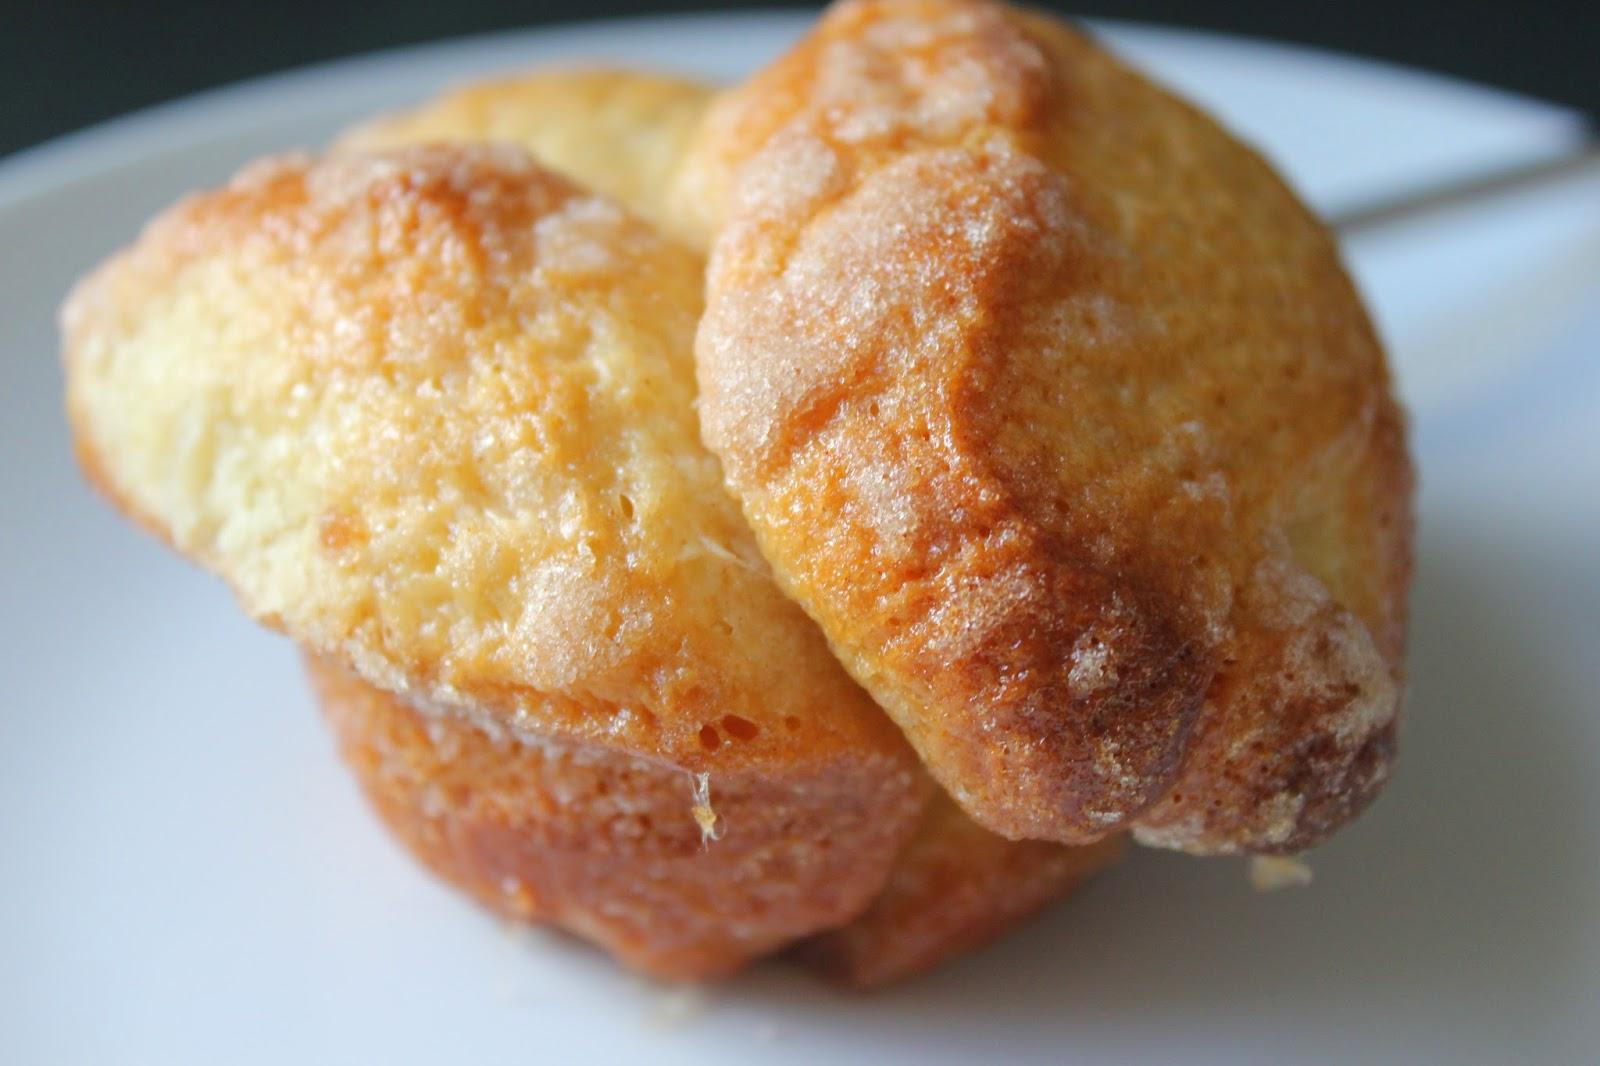 Cinnamon-sugar brioche bun